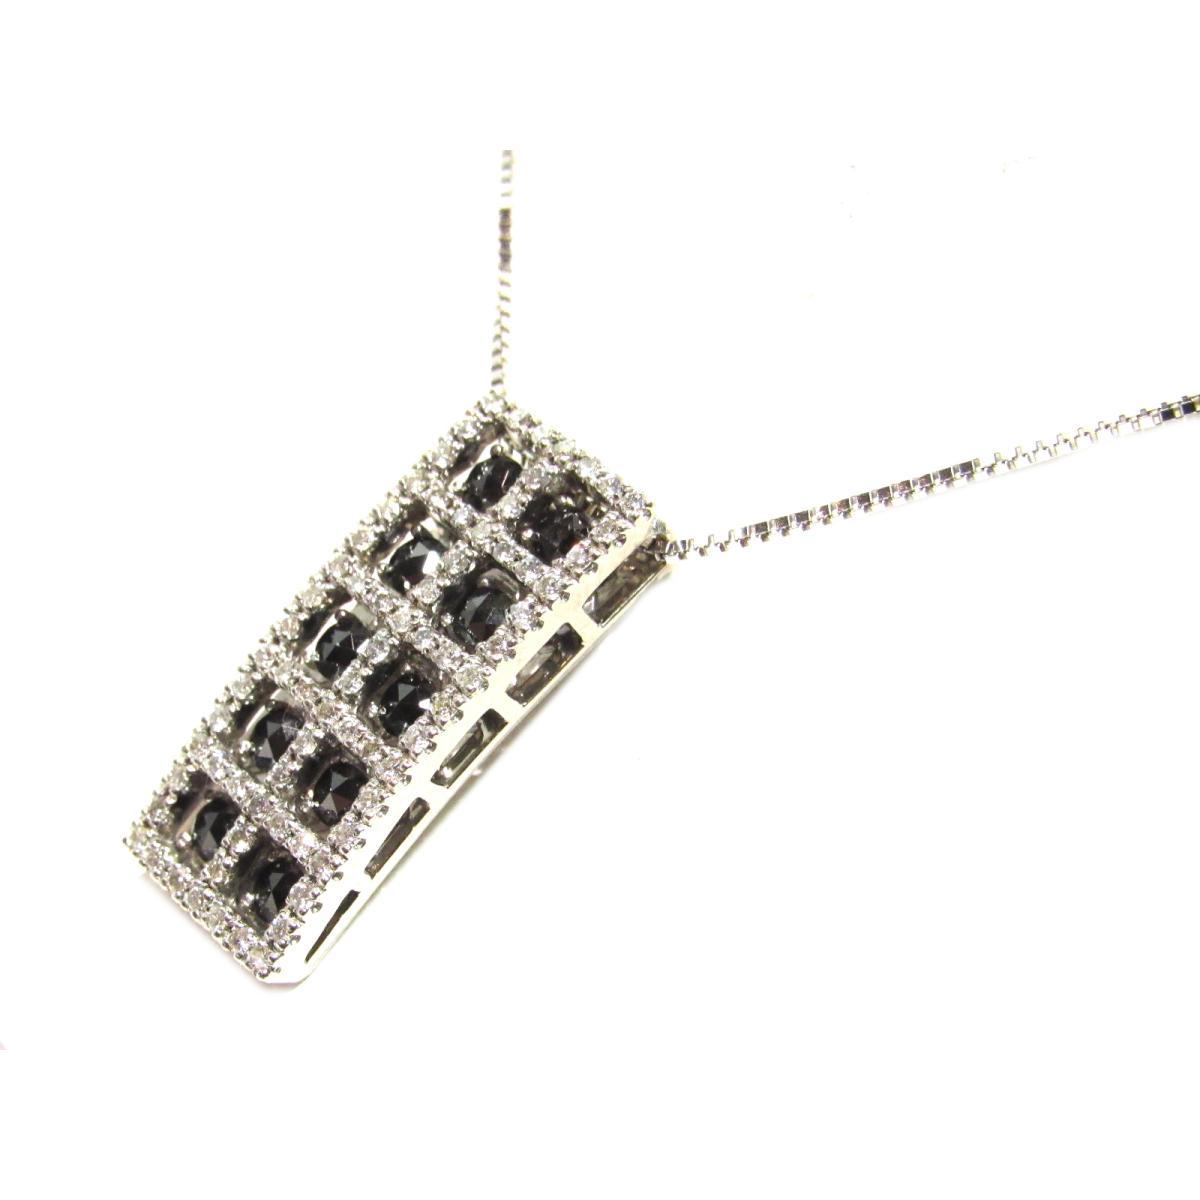 ジュエリー ブラックダイヤモンド ネックレス レディース K18WG (750) ホワイトゴールドx1.0ct ブラック 【中古】 | JEWELRY BRANDOFF ブランドオフ アクセサリー ペンダント